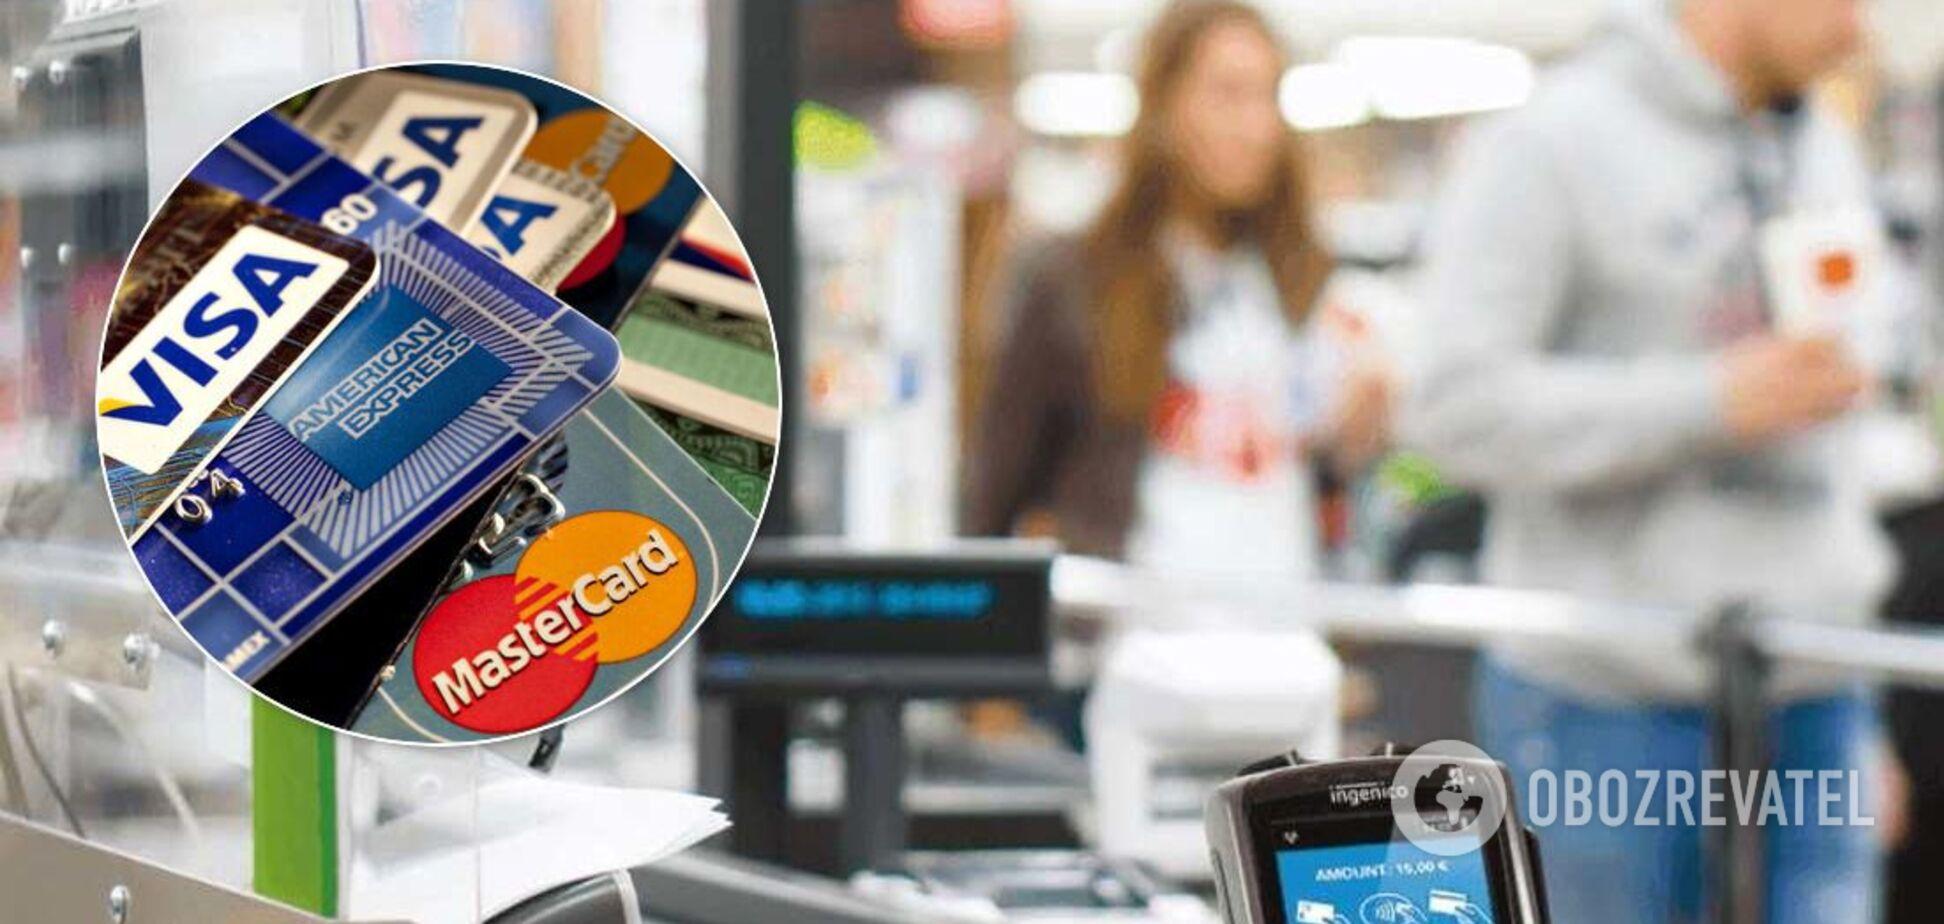 У Хмельницькому касир-аферист зняв 30 тисяч гривень із карток клієнтів